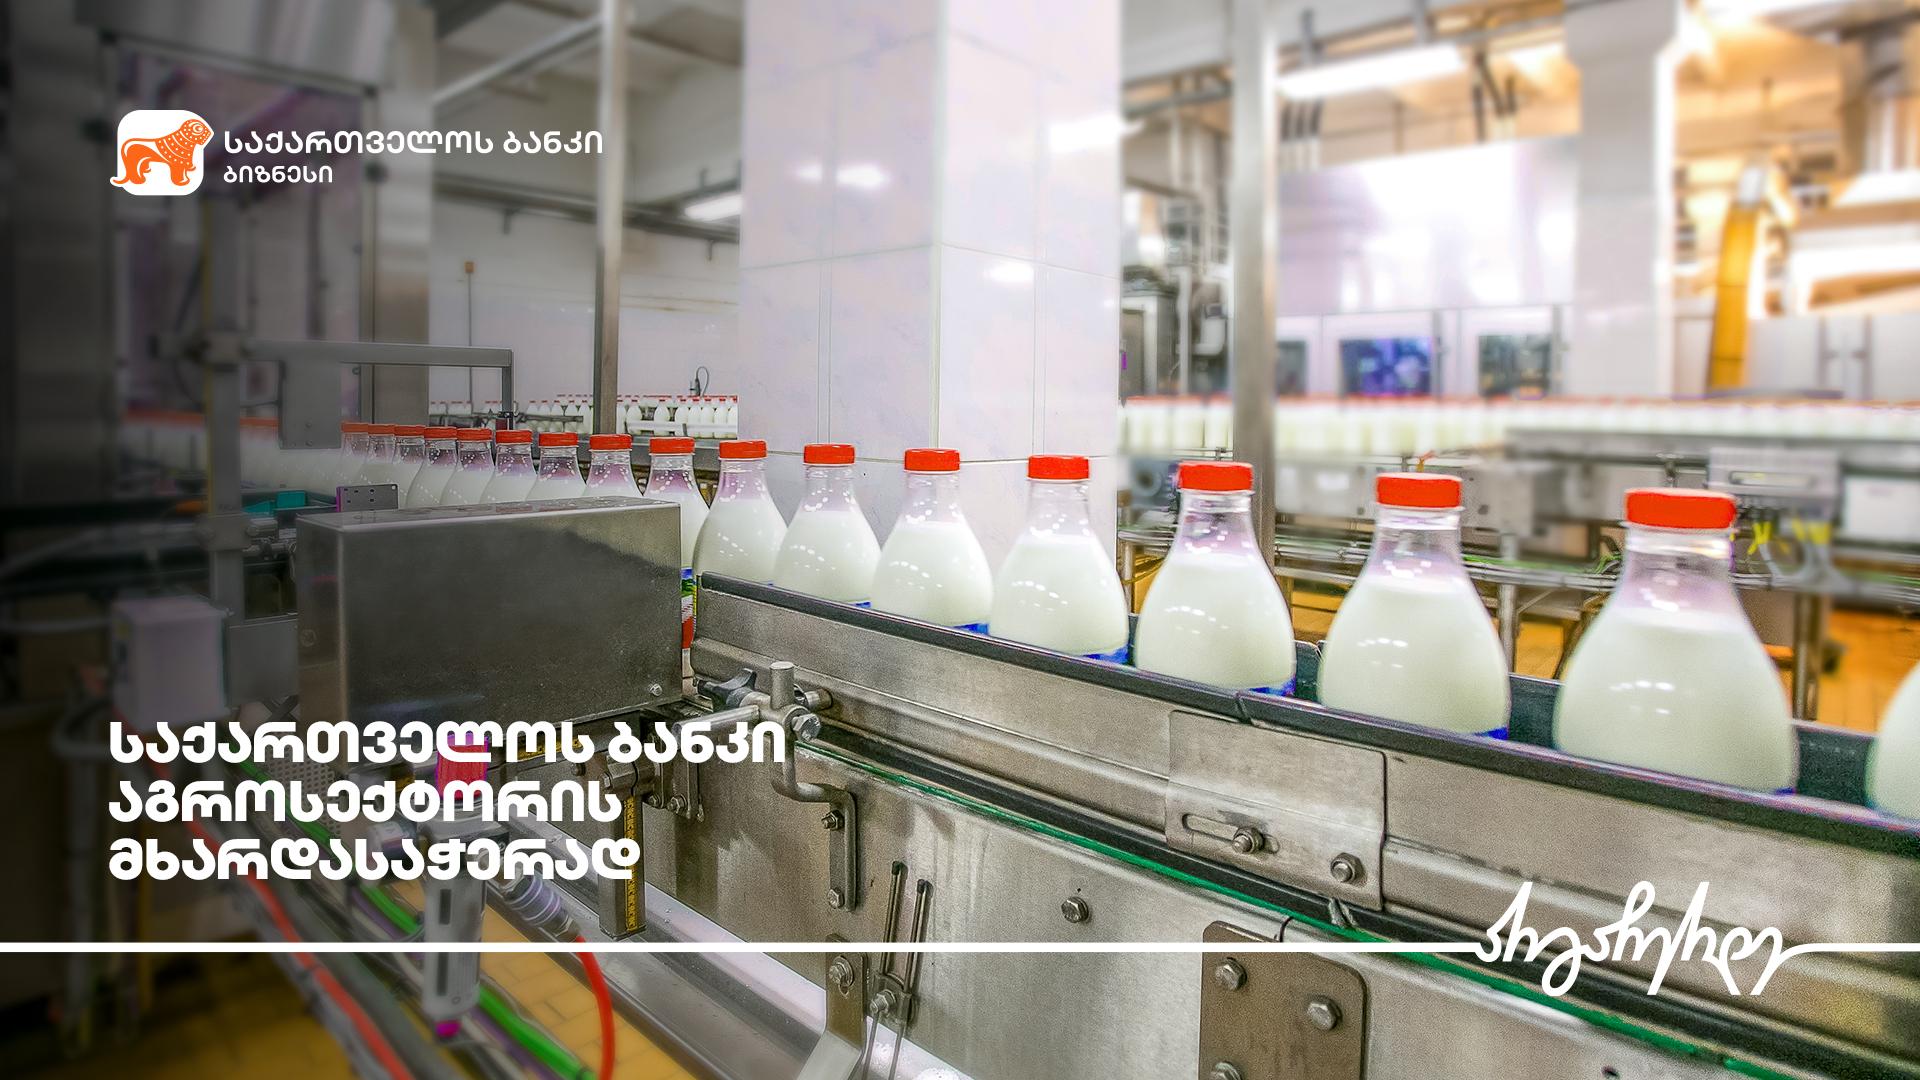 საქართველოს ბანკის მხარდაჭერით ჩოხატაურში რძის გადამამუშავებელი საამქრო  შენდება